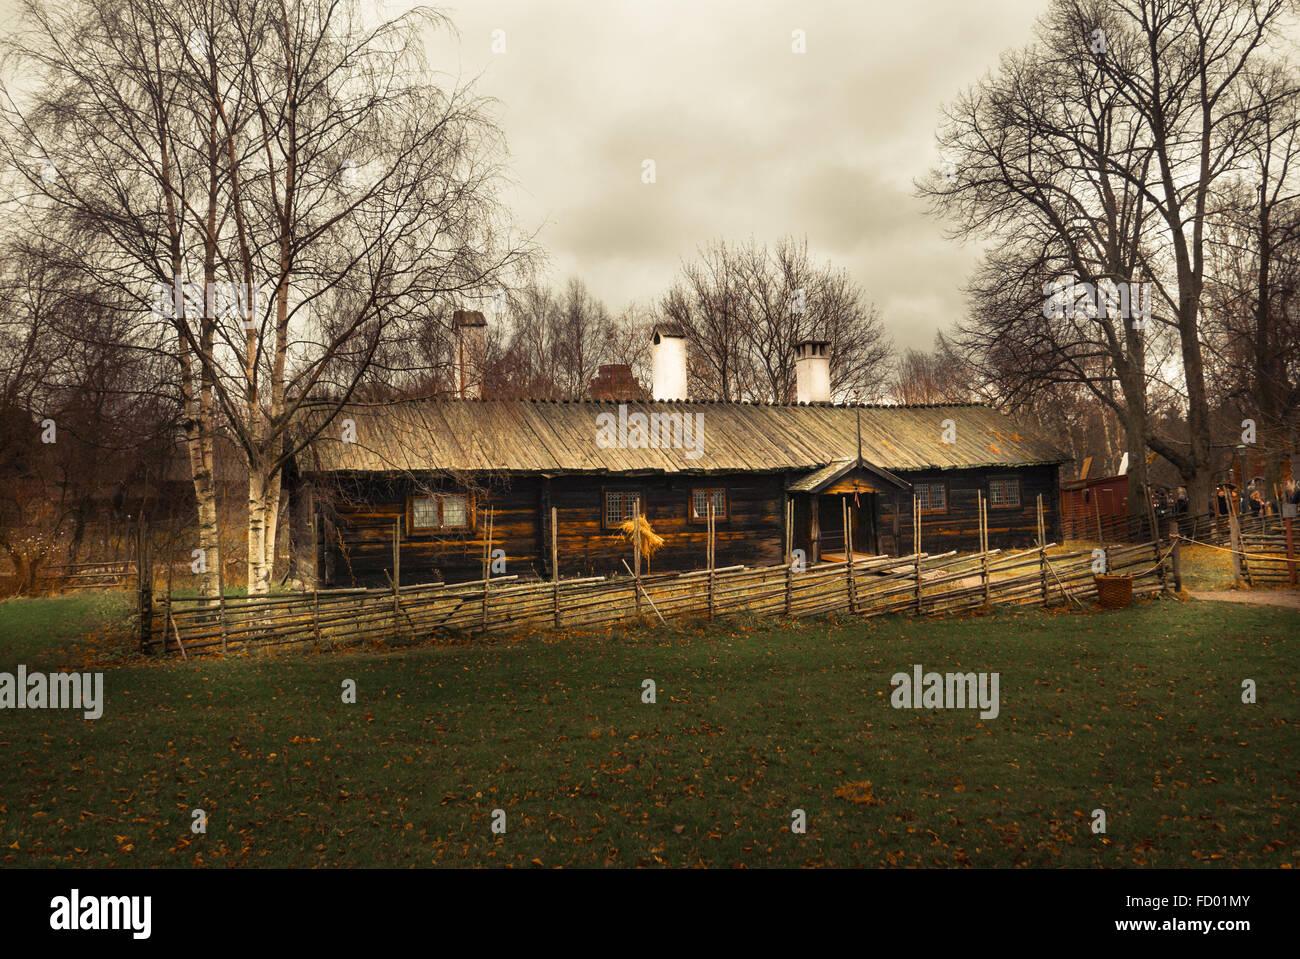 Farm Labourer's Cottage - Stock Image